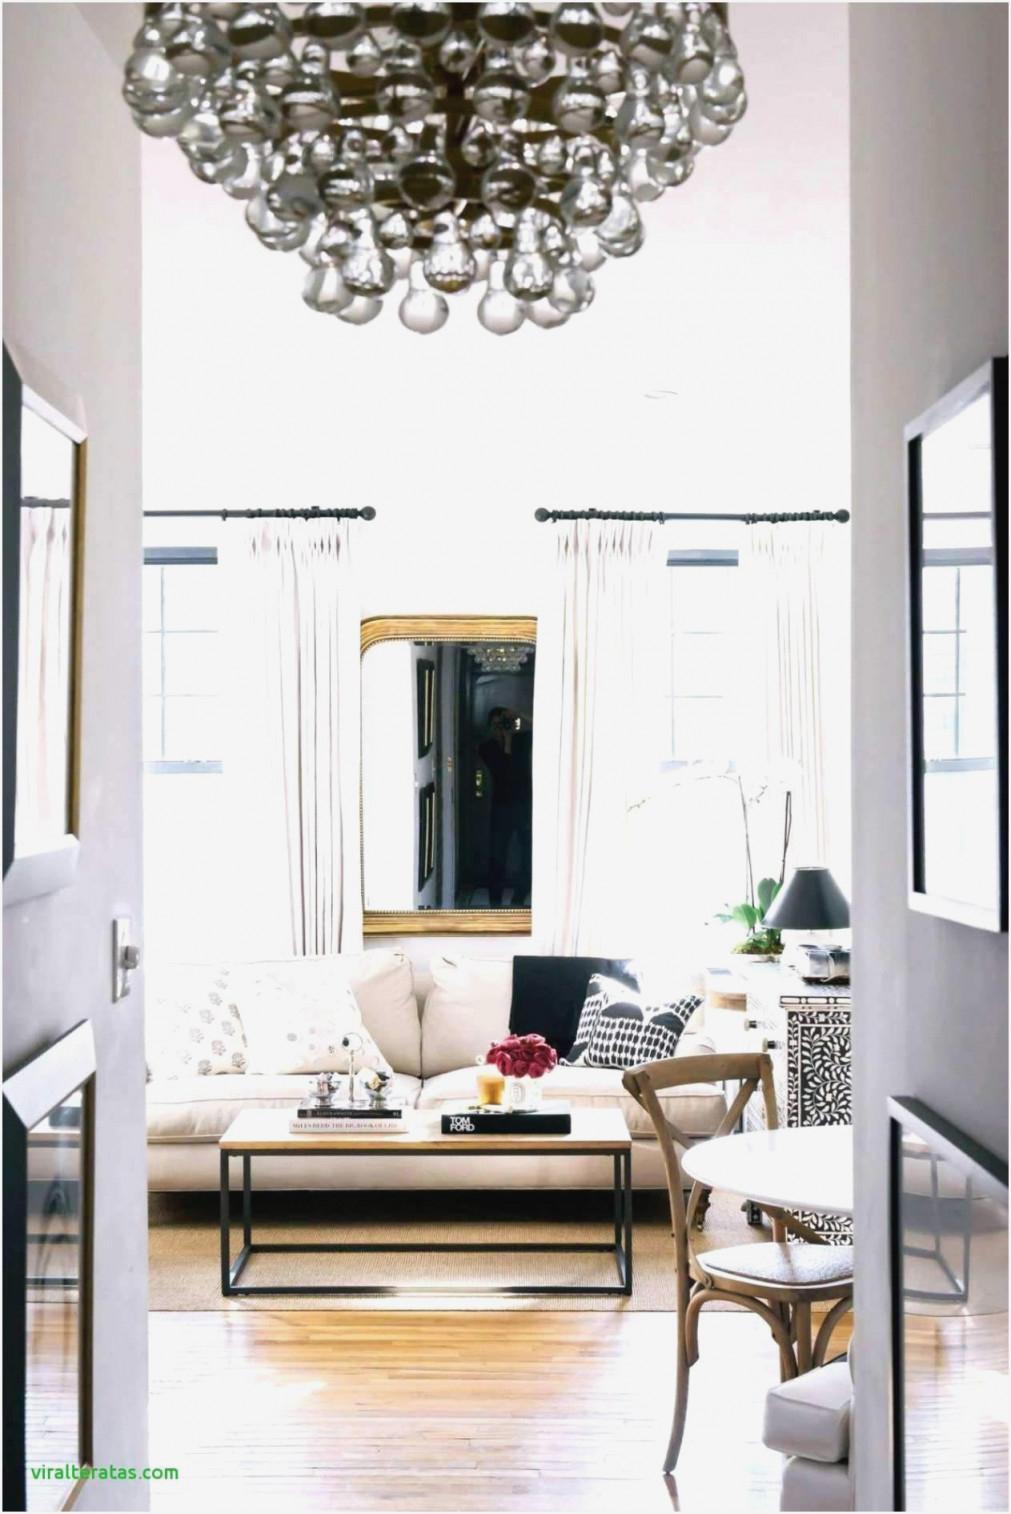 Kleines Wohnzimmer Platzsparend Einrichten  Wohnzimmer von Wohnzimmer Platzsparend Einrichten Bild